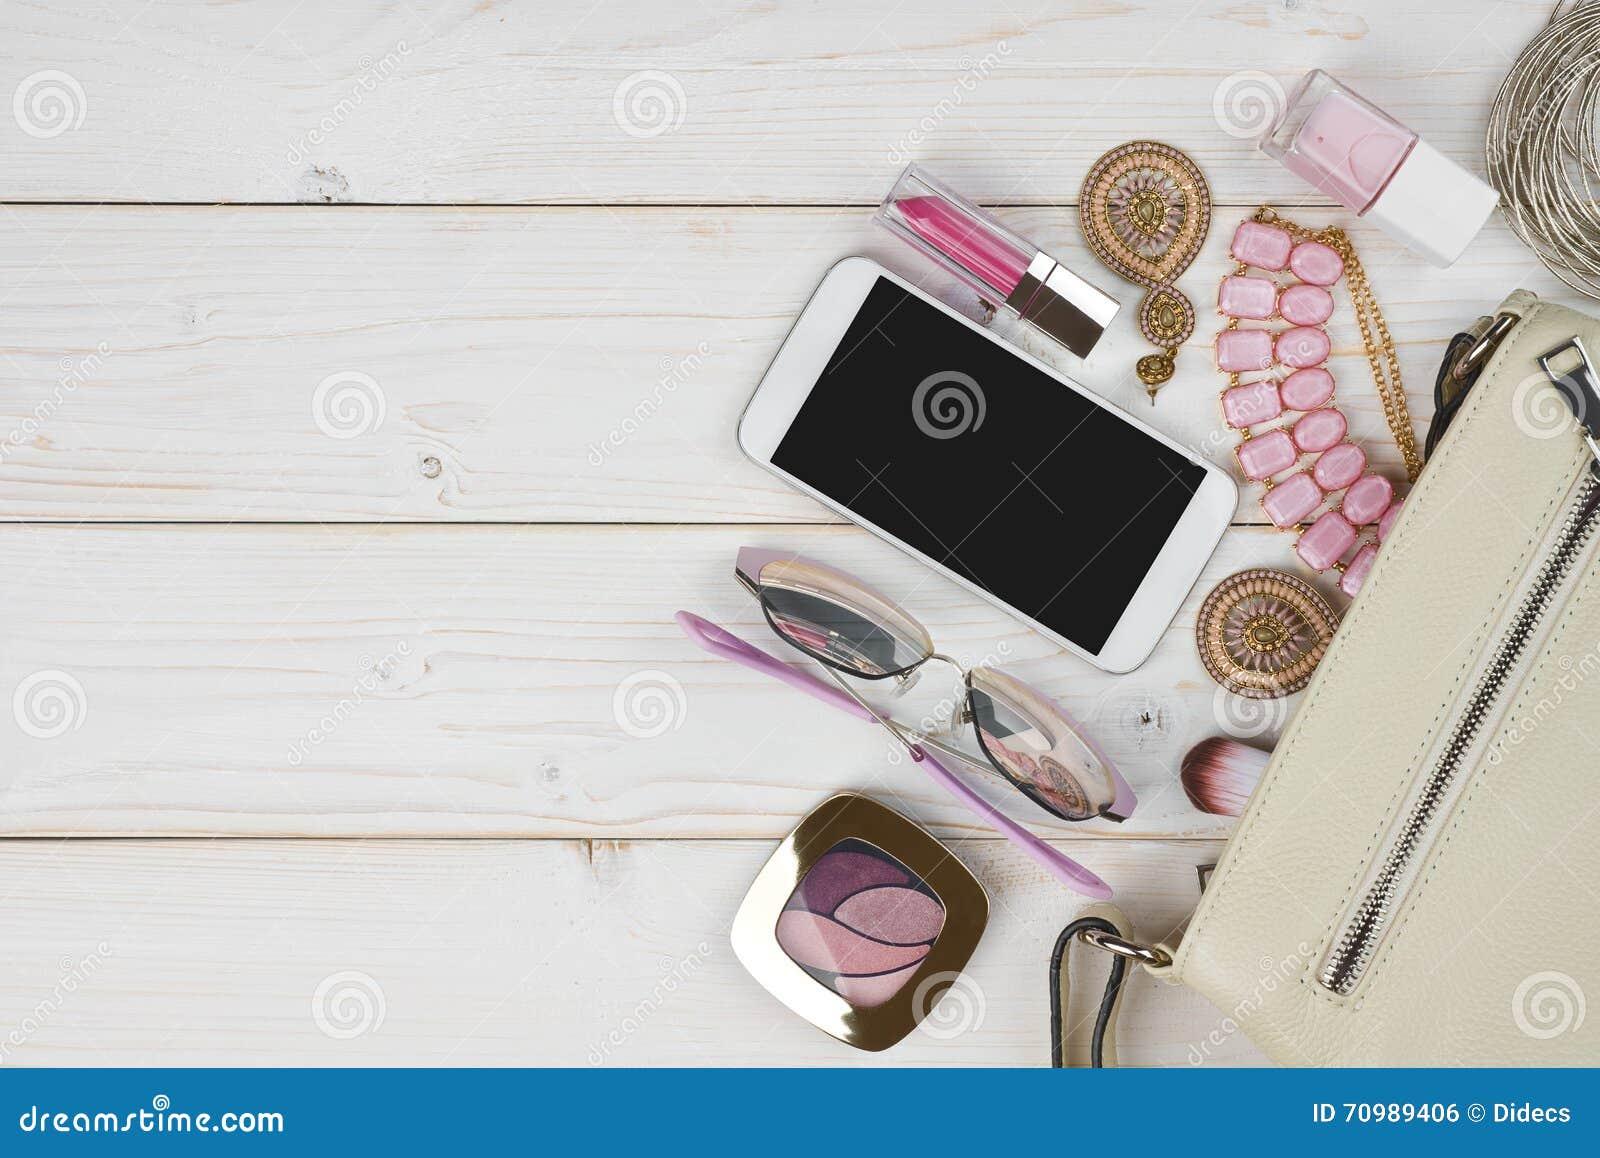 db630b43f2d5 Женские аксессуары падая от сумки на деревянной предпосылке с copyspace